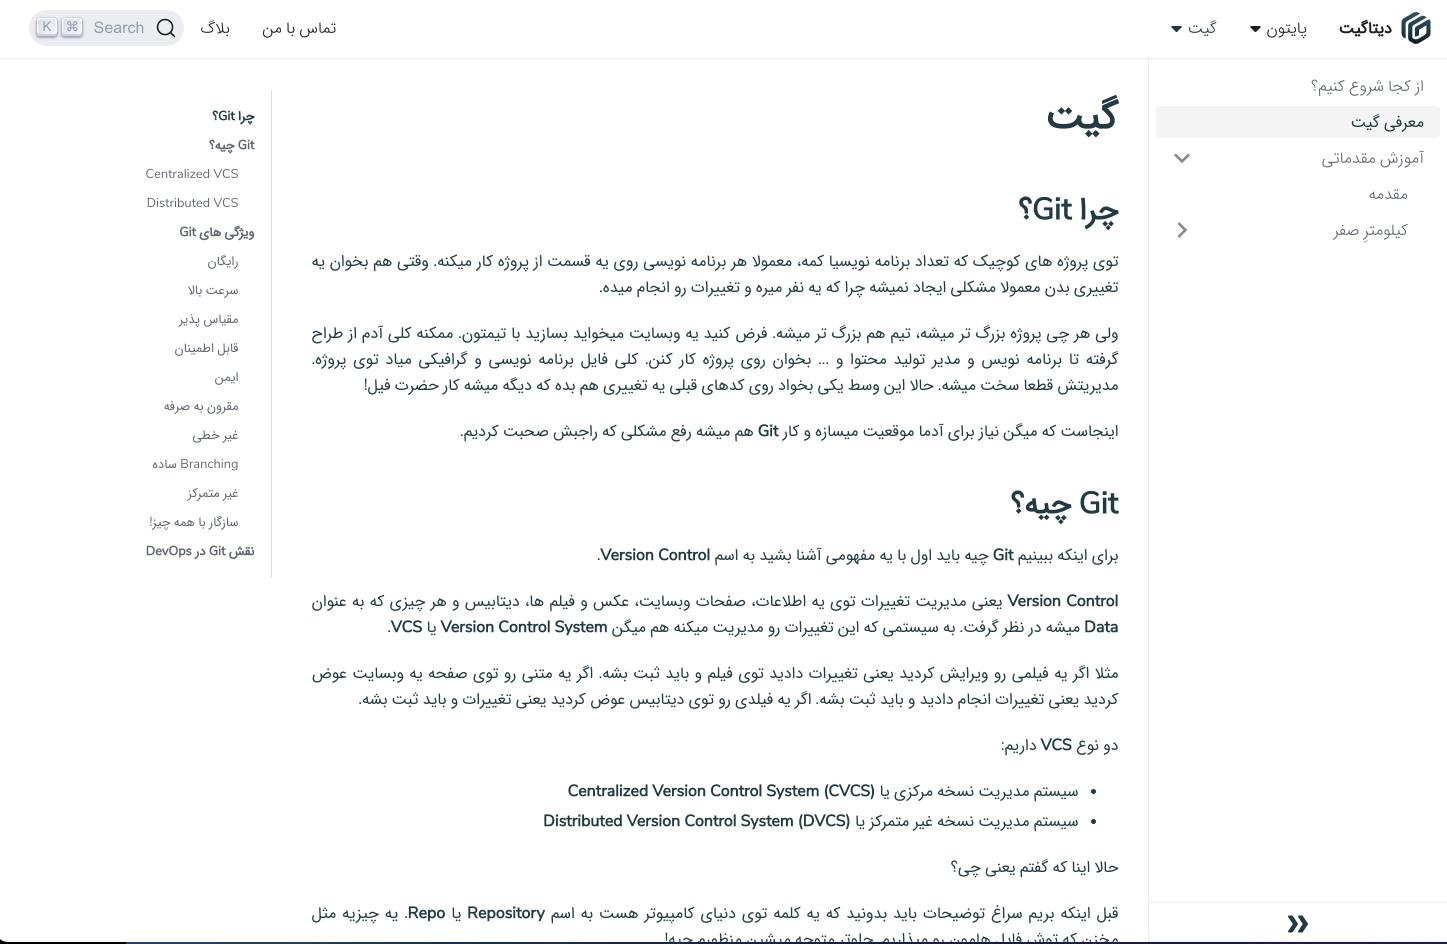 Datagit screenshot